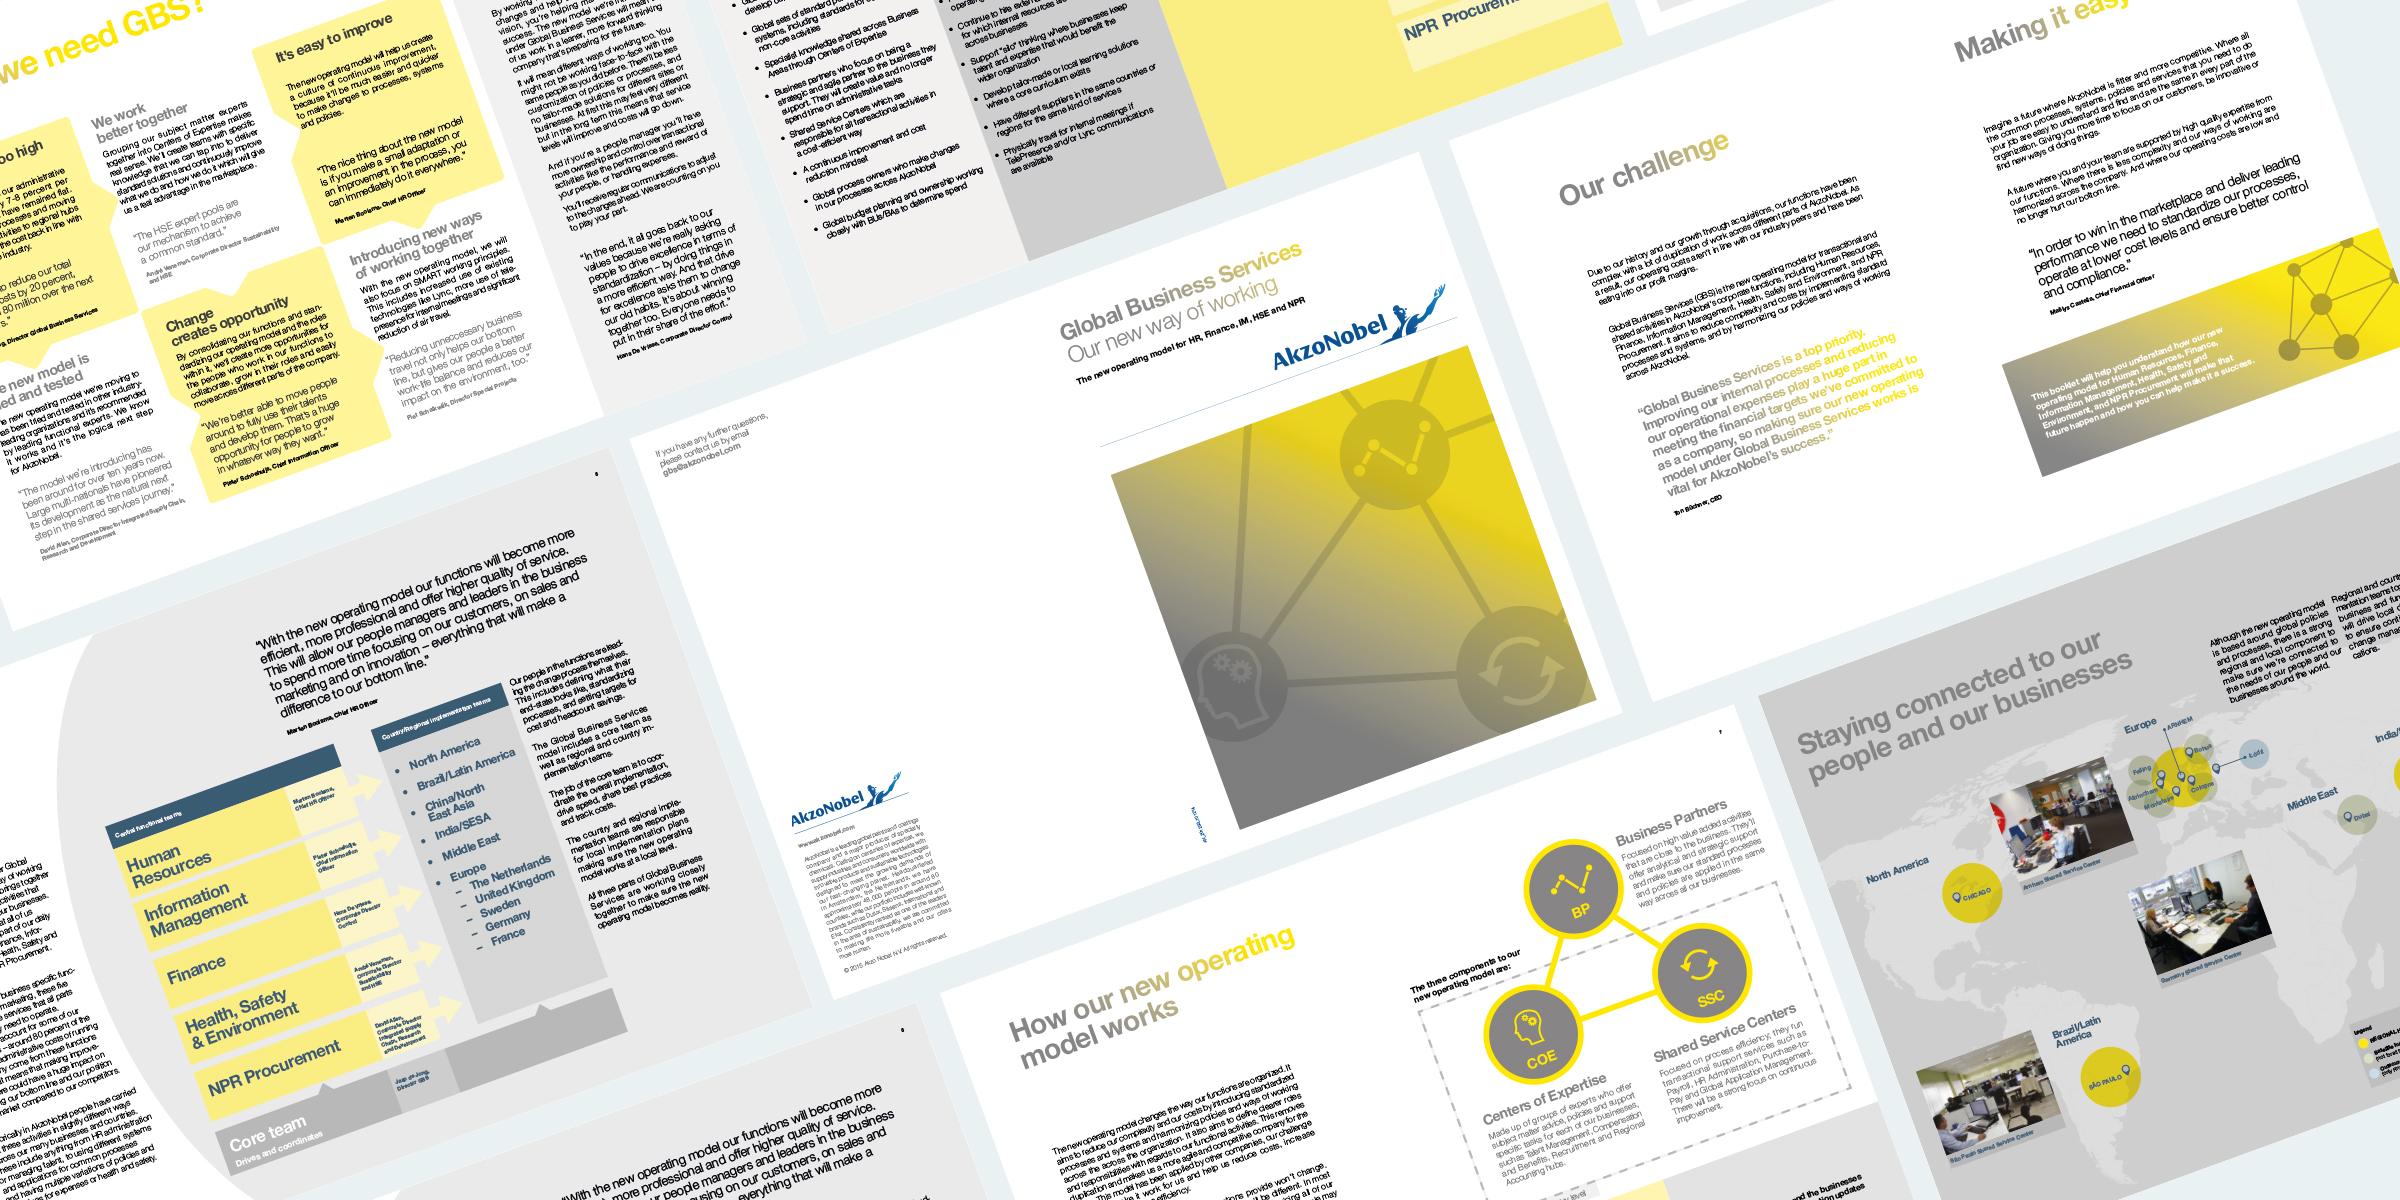 Akzonobel corporate restructure guide